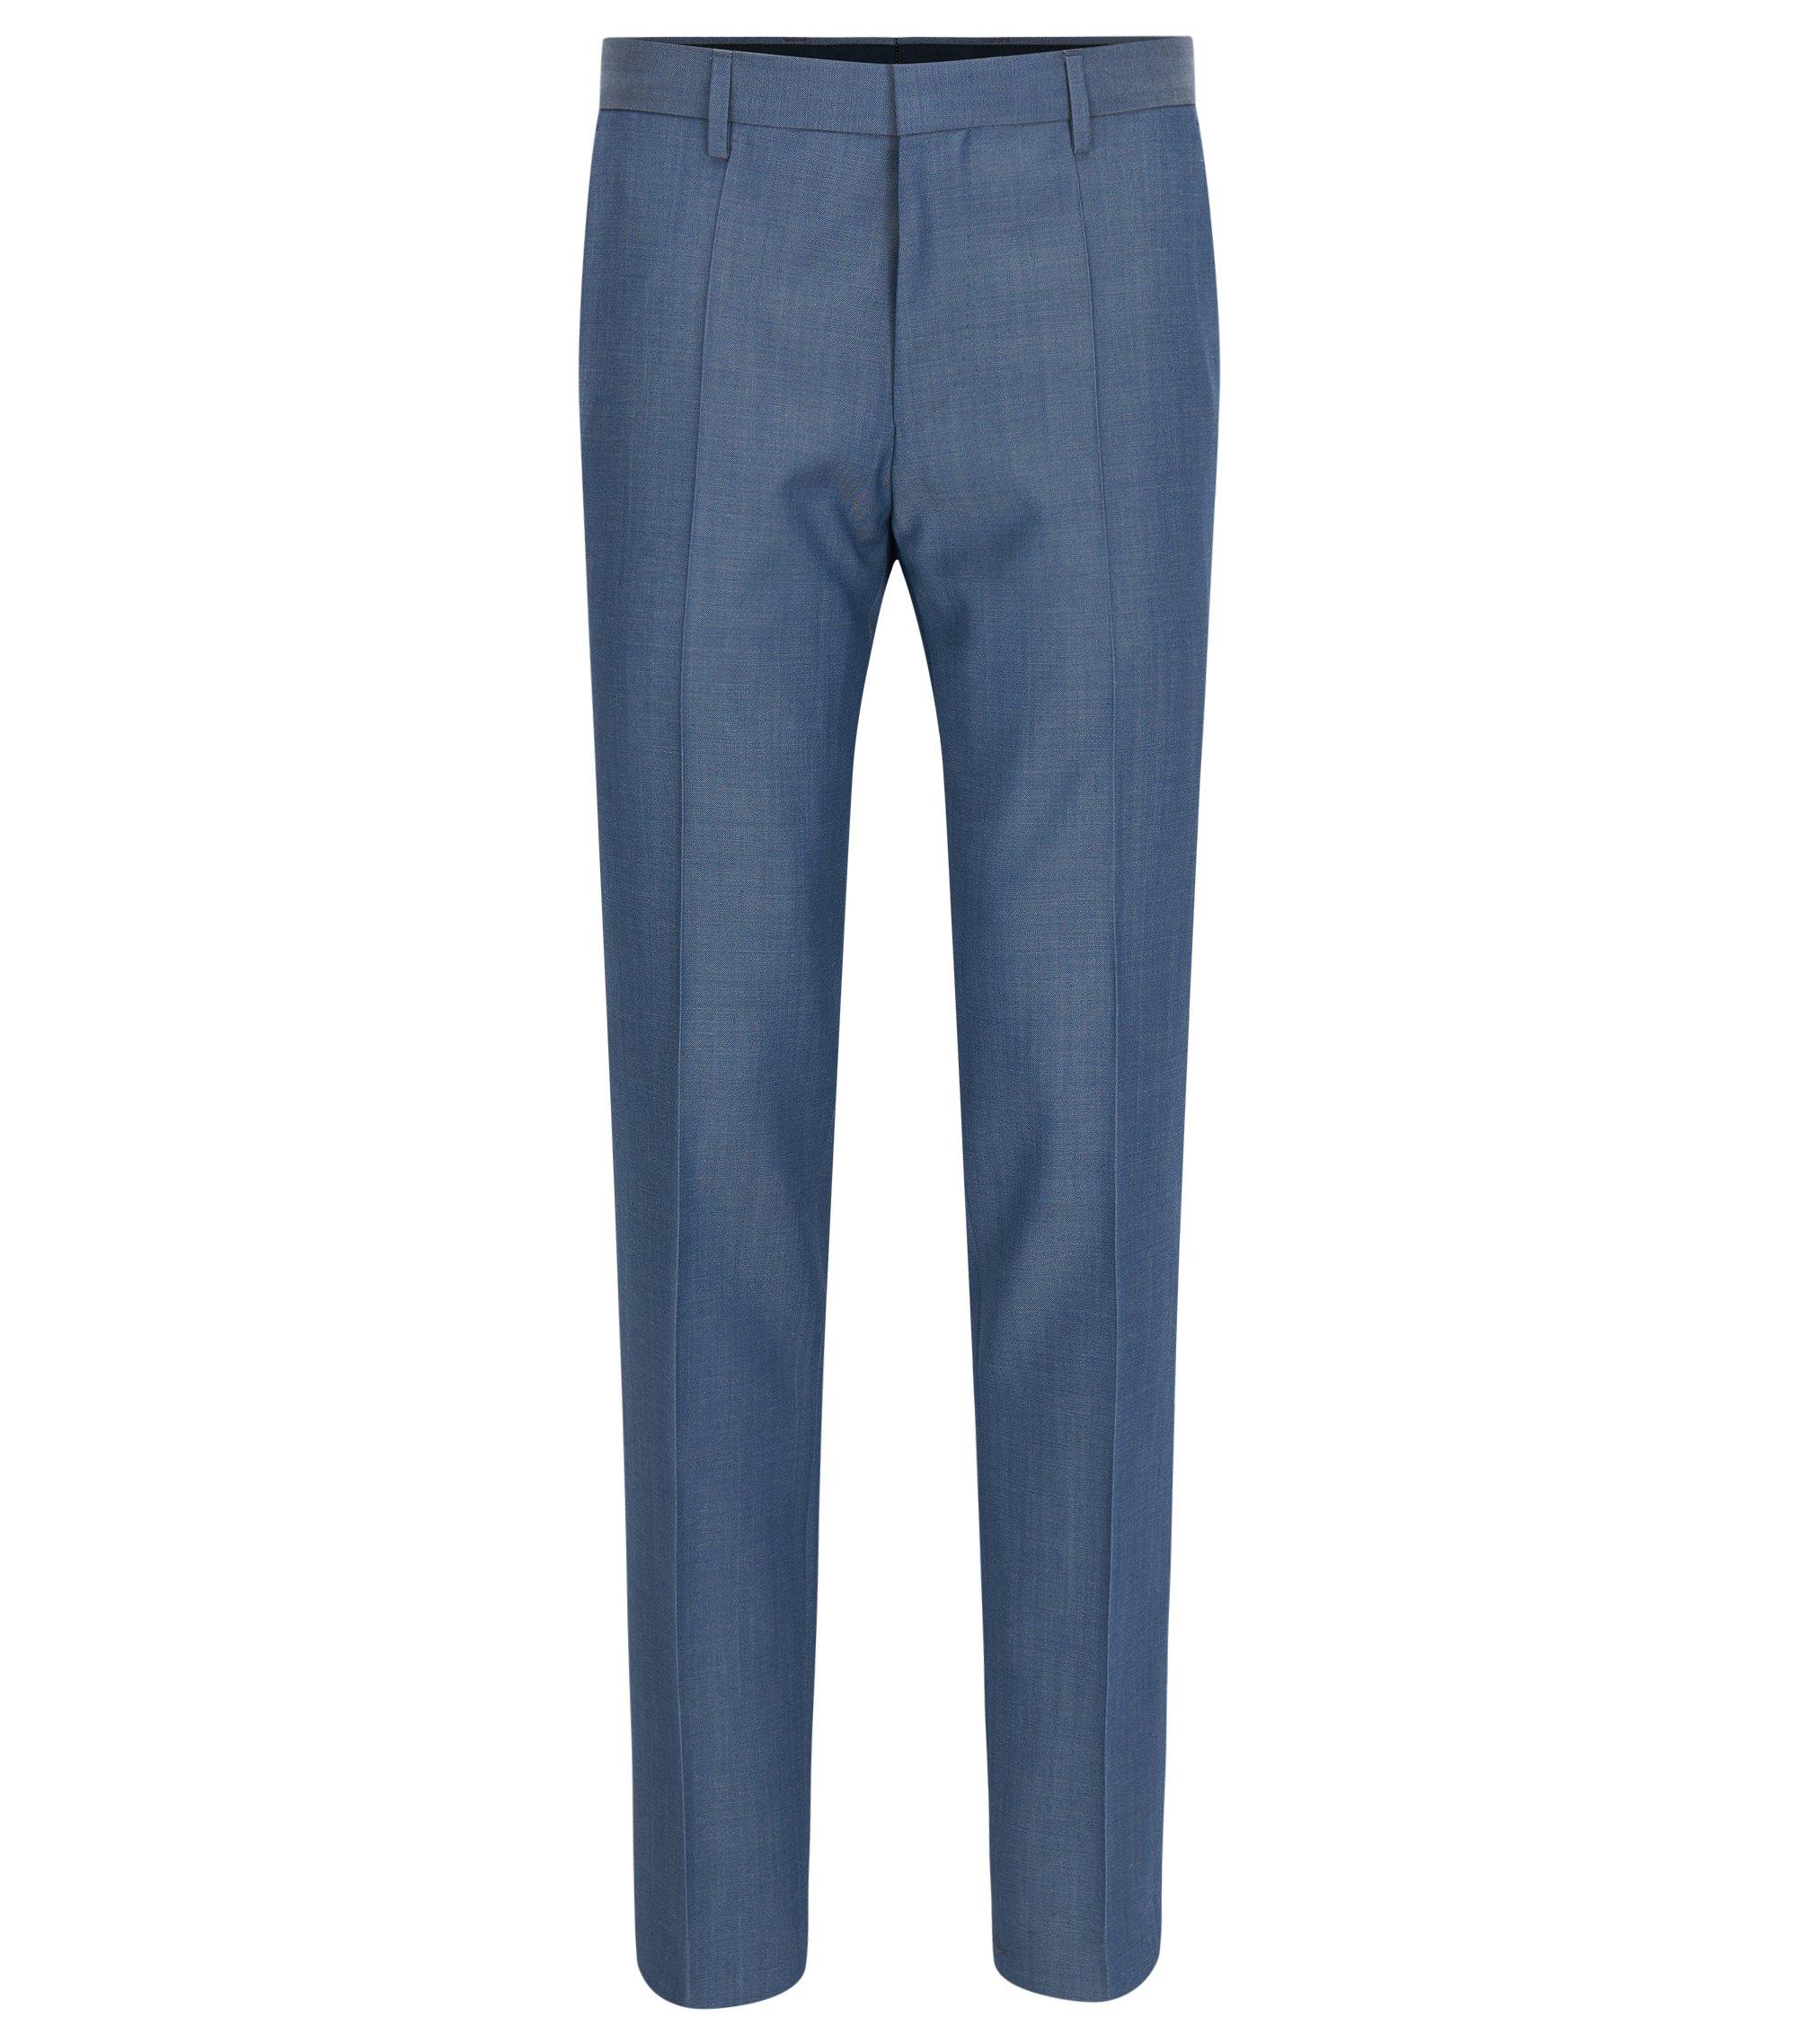 Crosshatch Virgin Wool Dress Pants, Slim Fit | Genesis, Blue